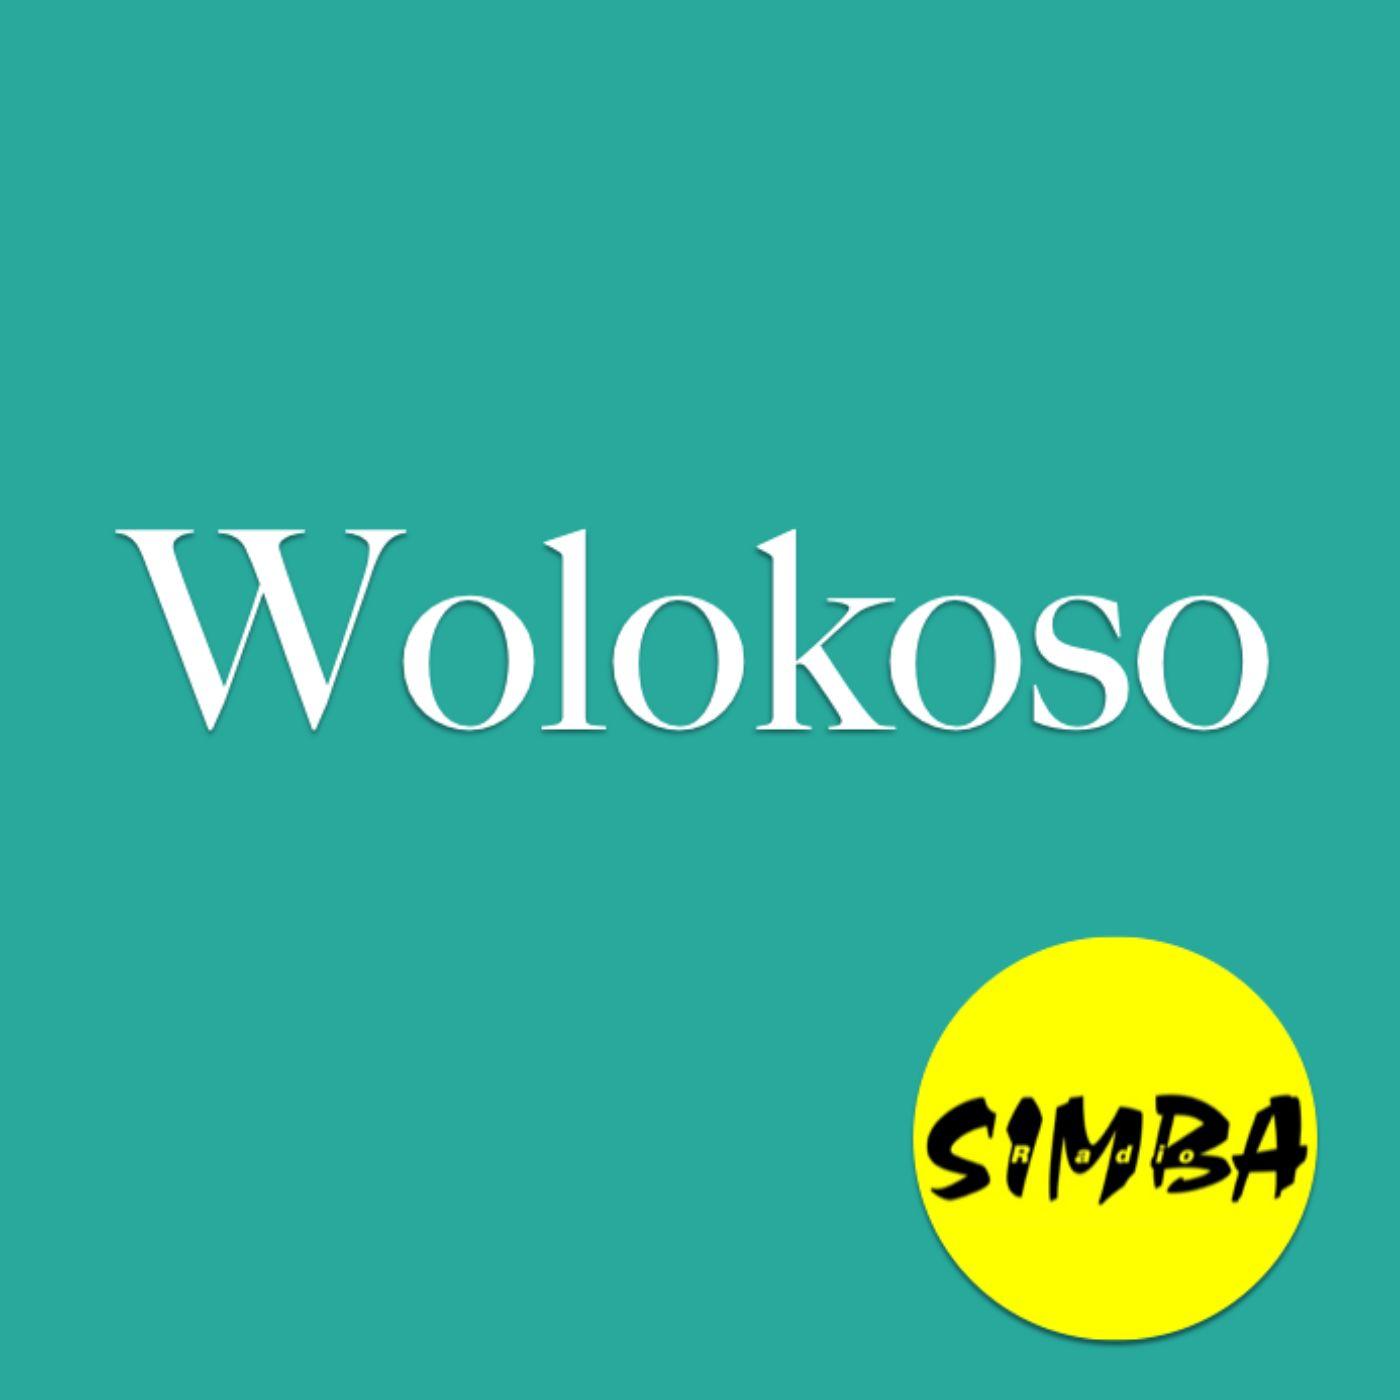 Wolokoso